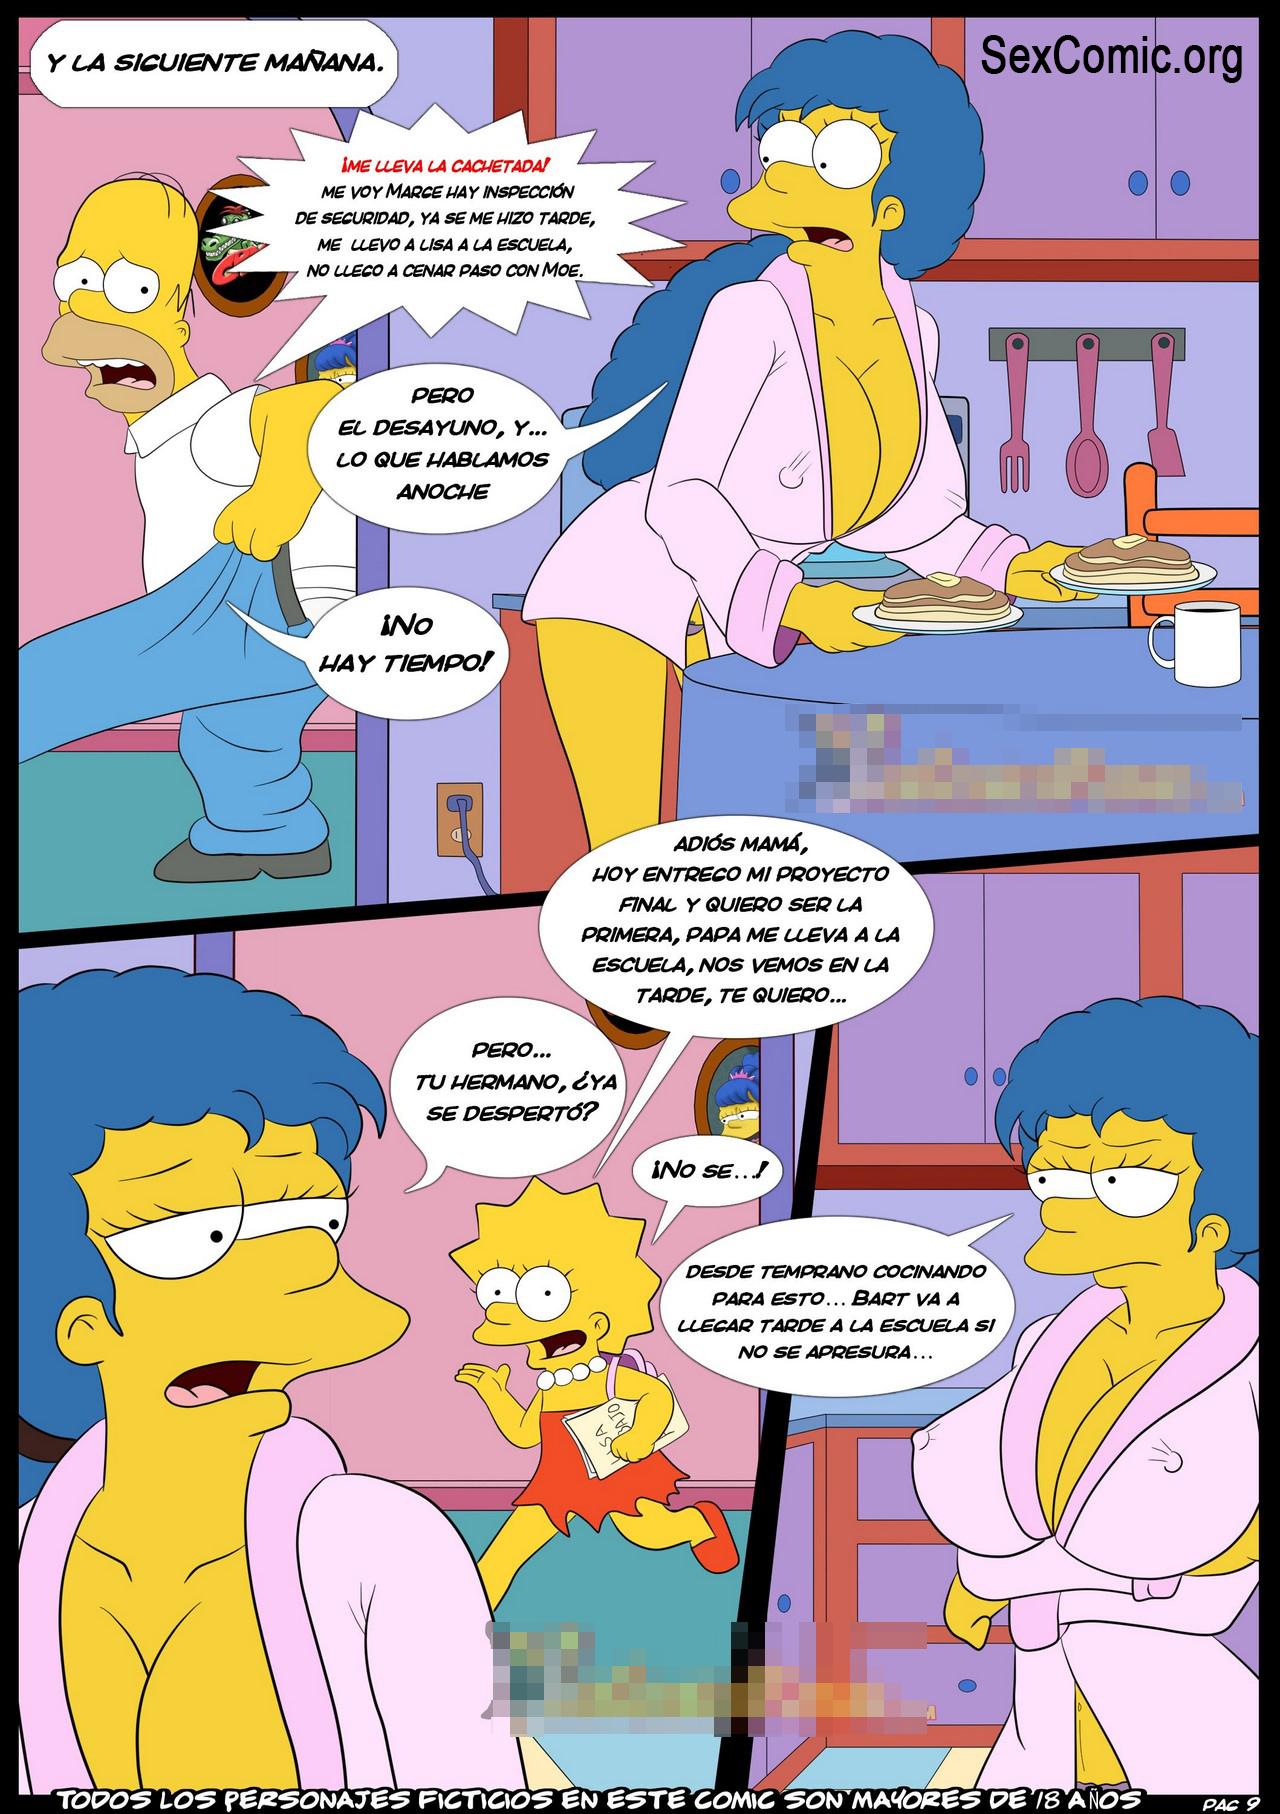 Los Simpsons xxx -incesto-bart-march-follando-cogiendo-sexo-desnuda-video-historieta-comic-los-simpsons-porno-follando-con-mama (10)